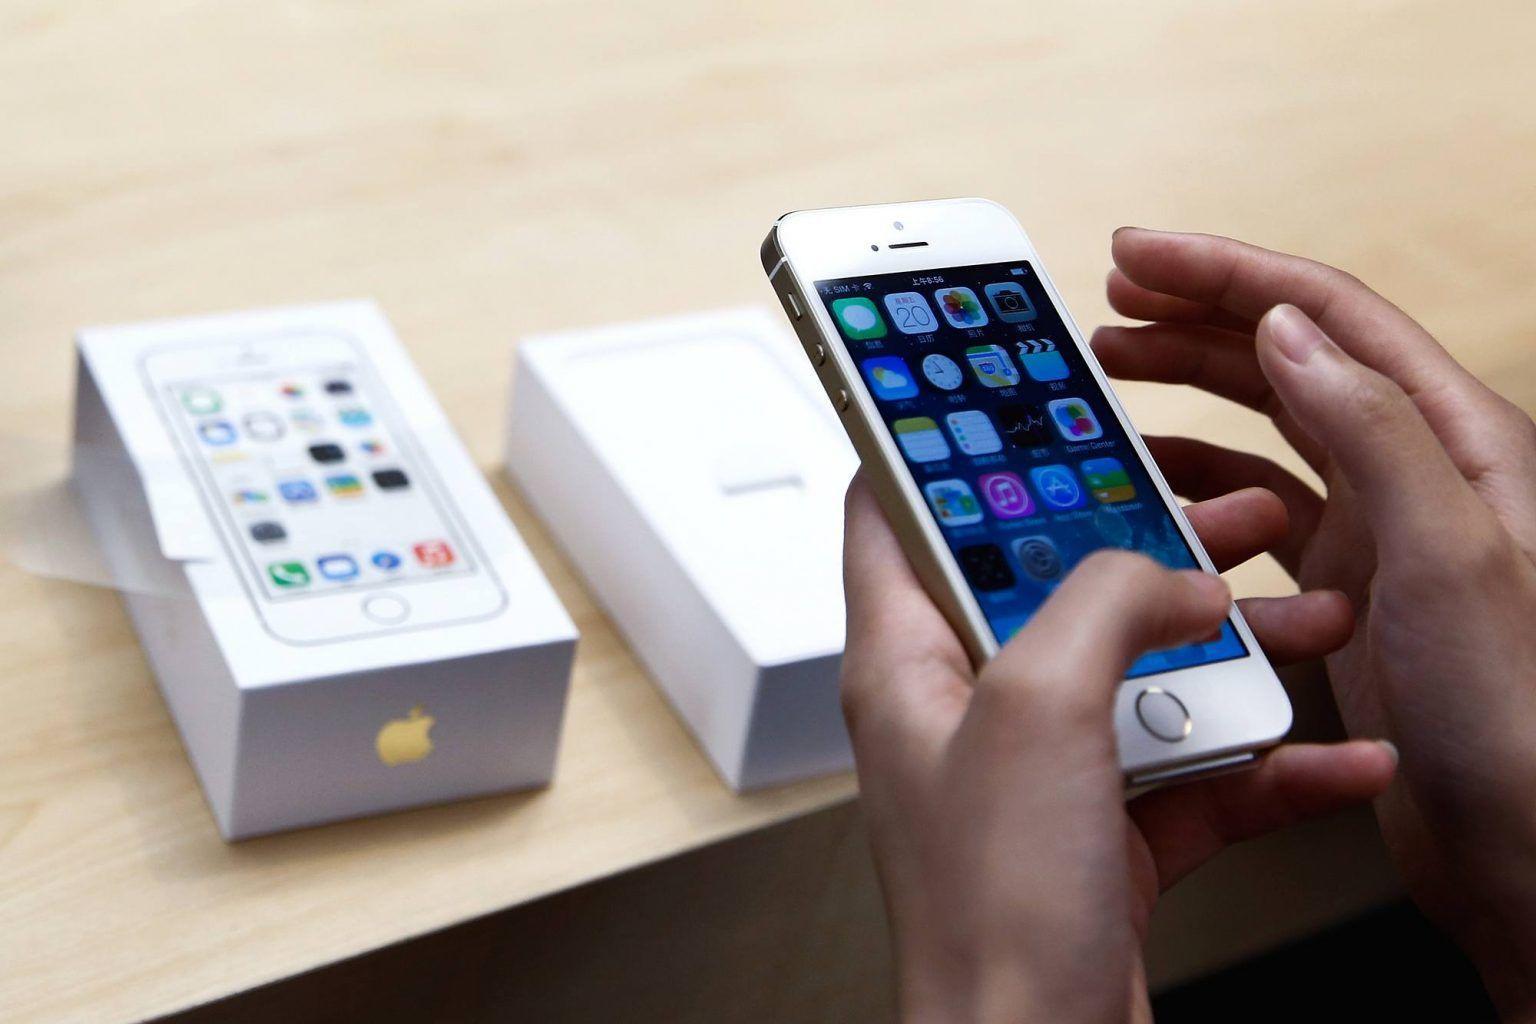 iPhone İlk Alındığında Yapılması Gerekenler